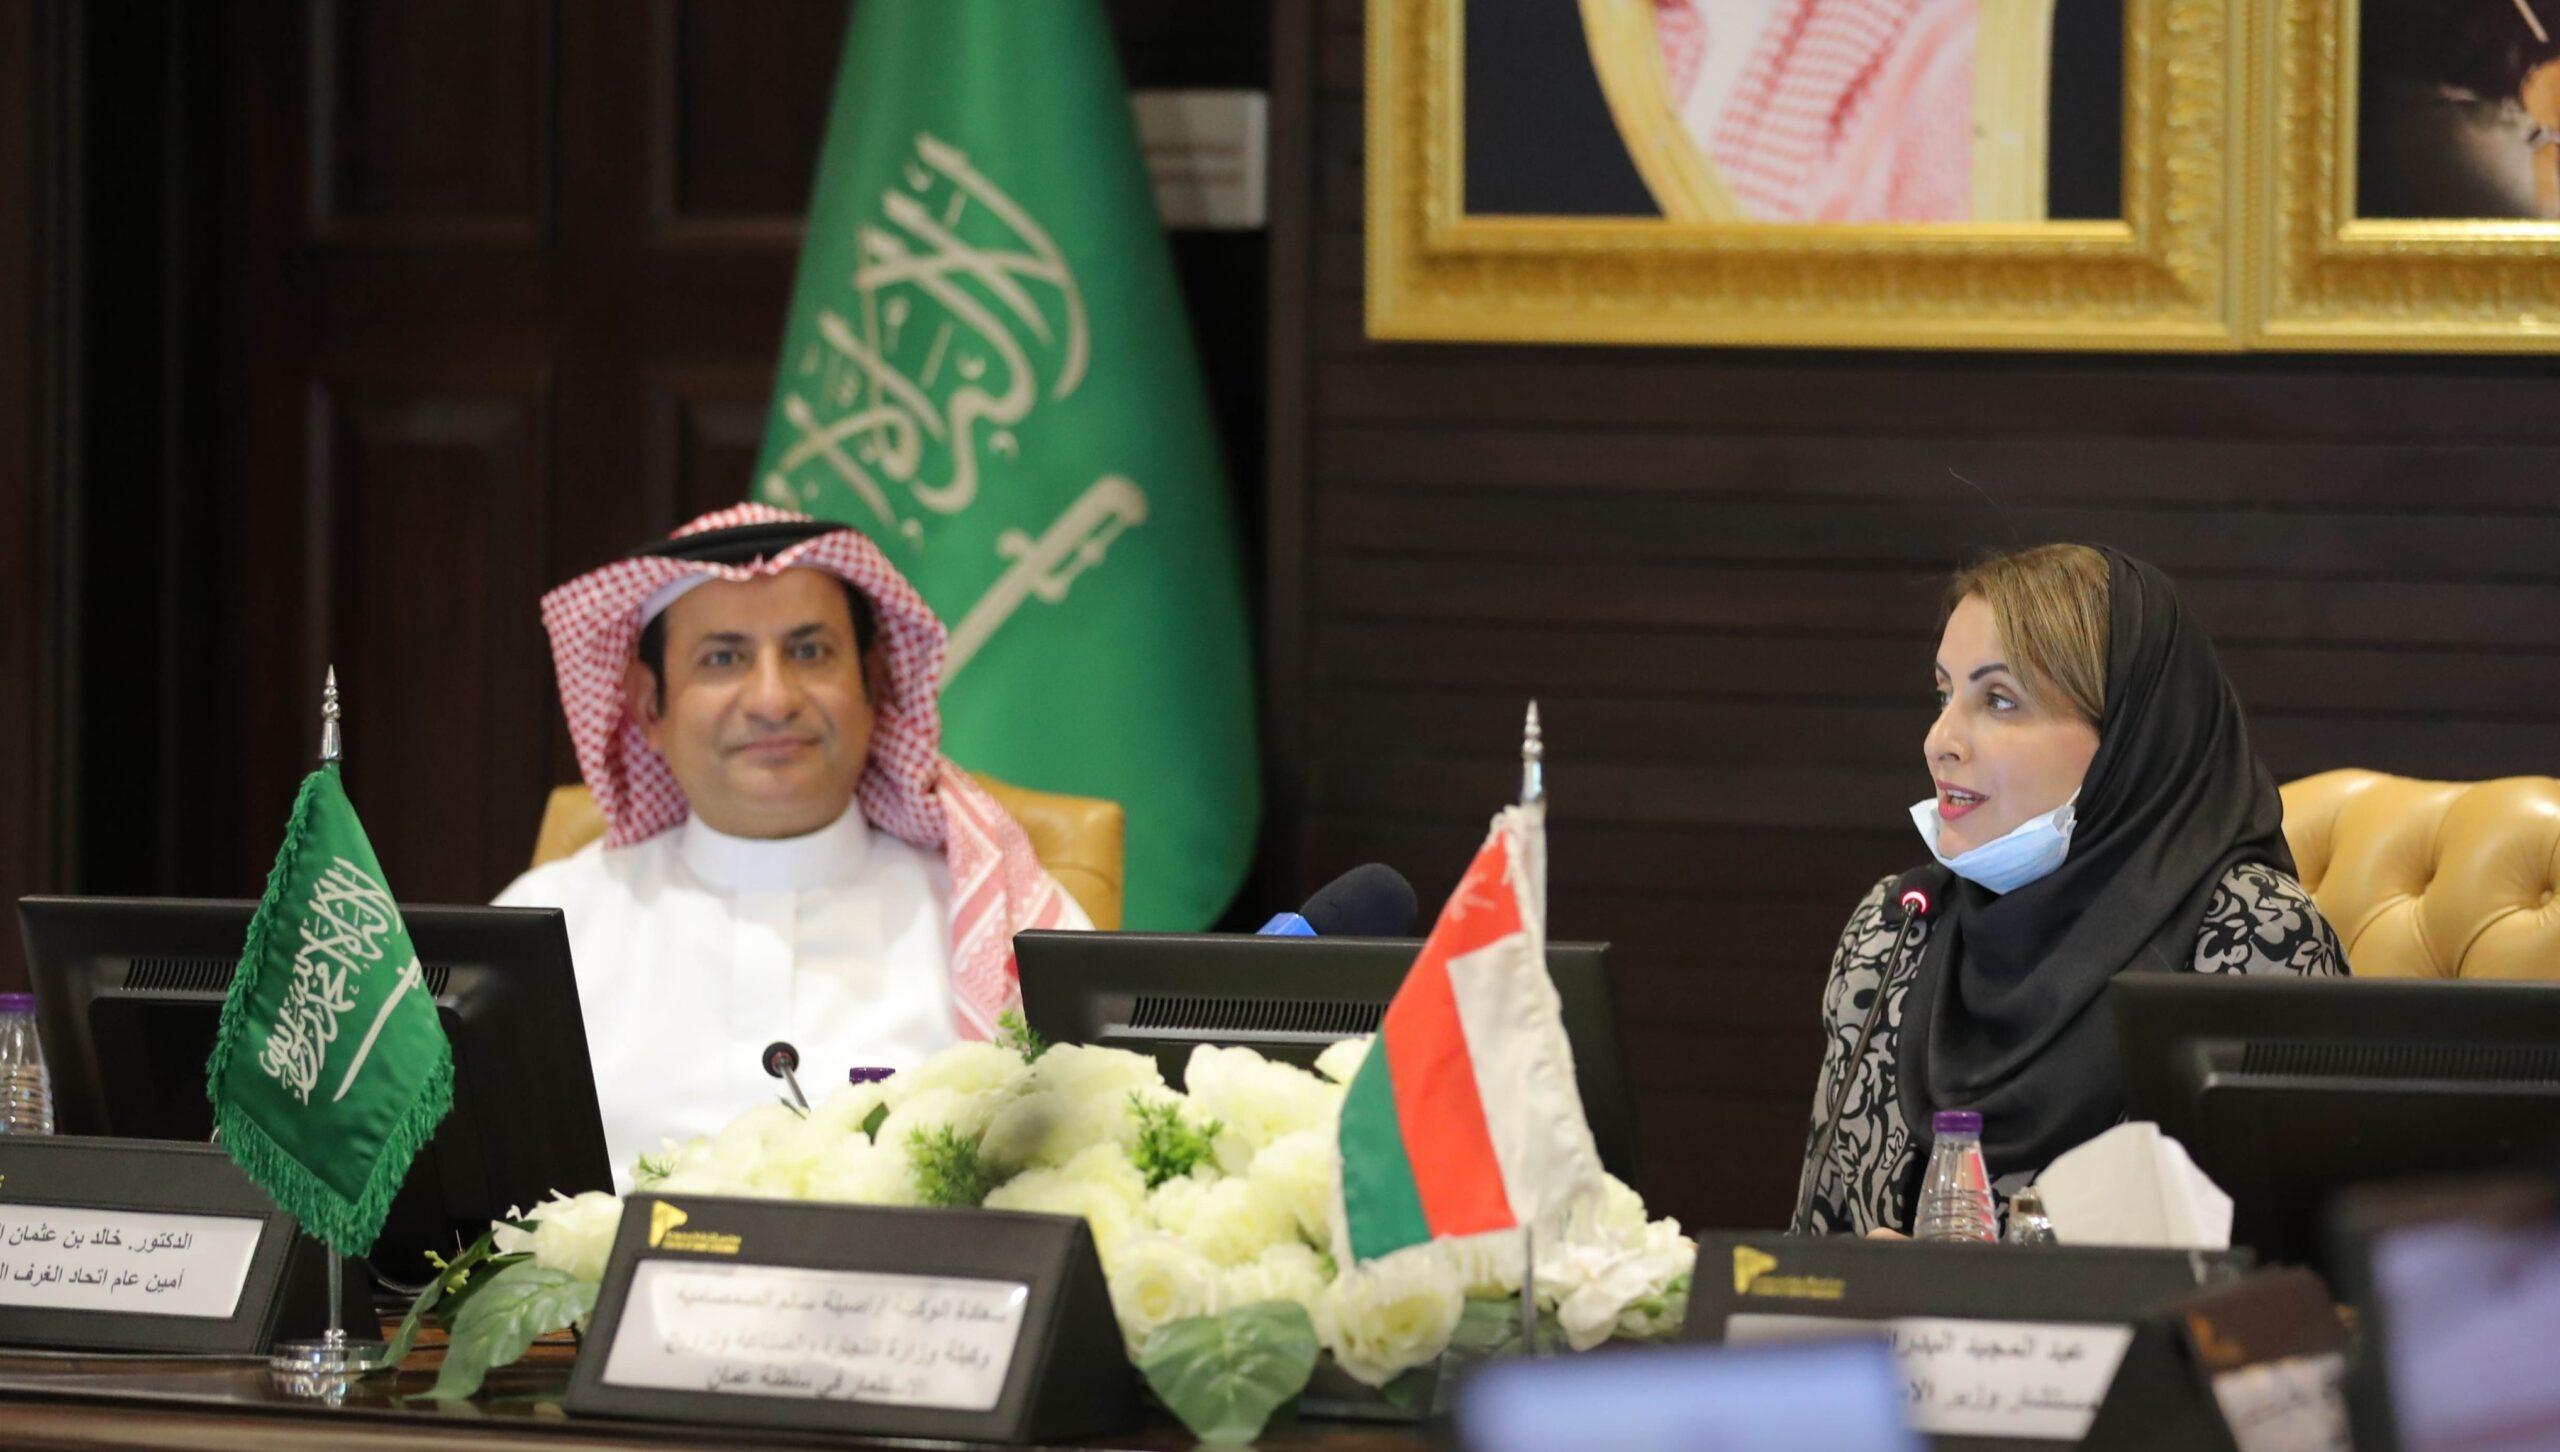 شراكة تجارية جديدة بين مسقط والرياض بالتزامن مع الخلاف السعودي الإماراتي